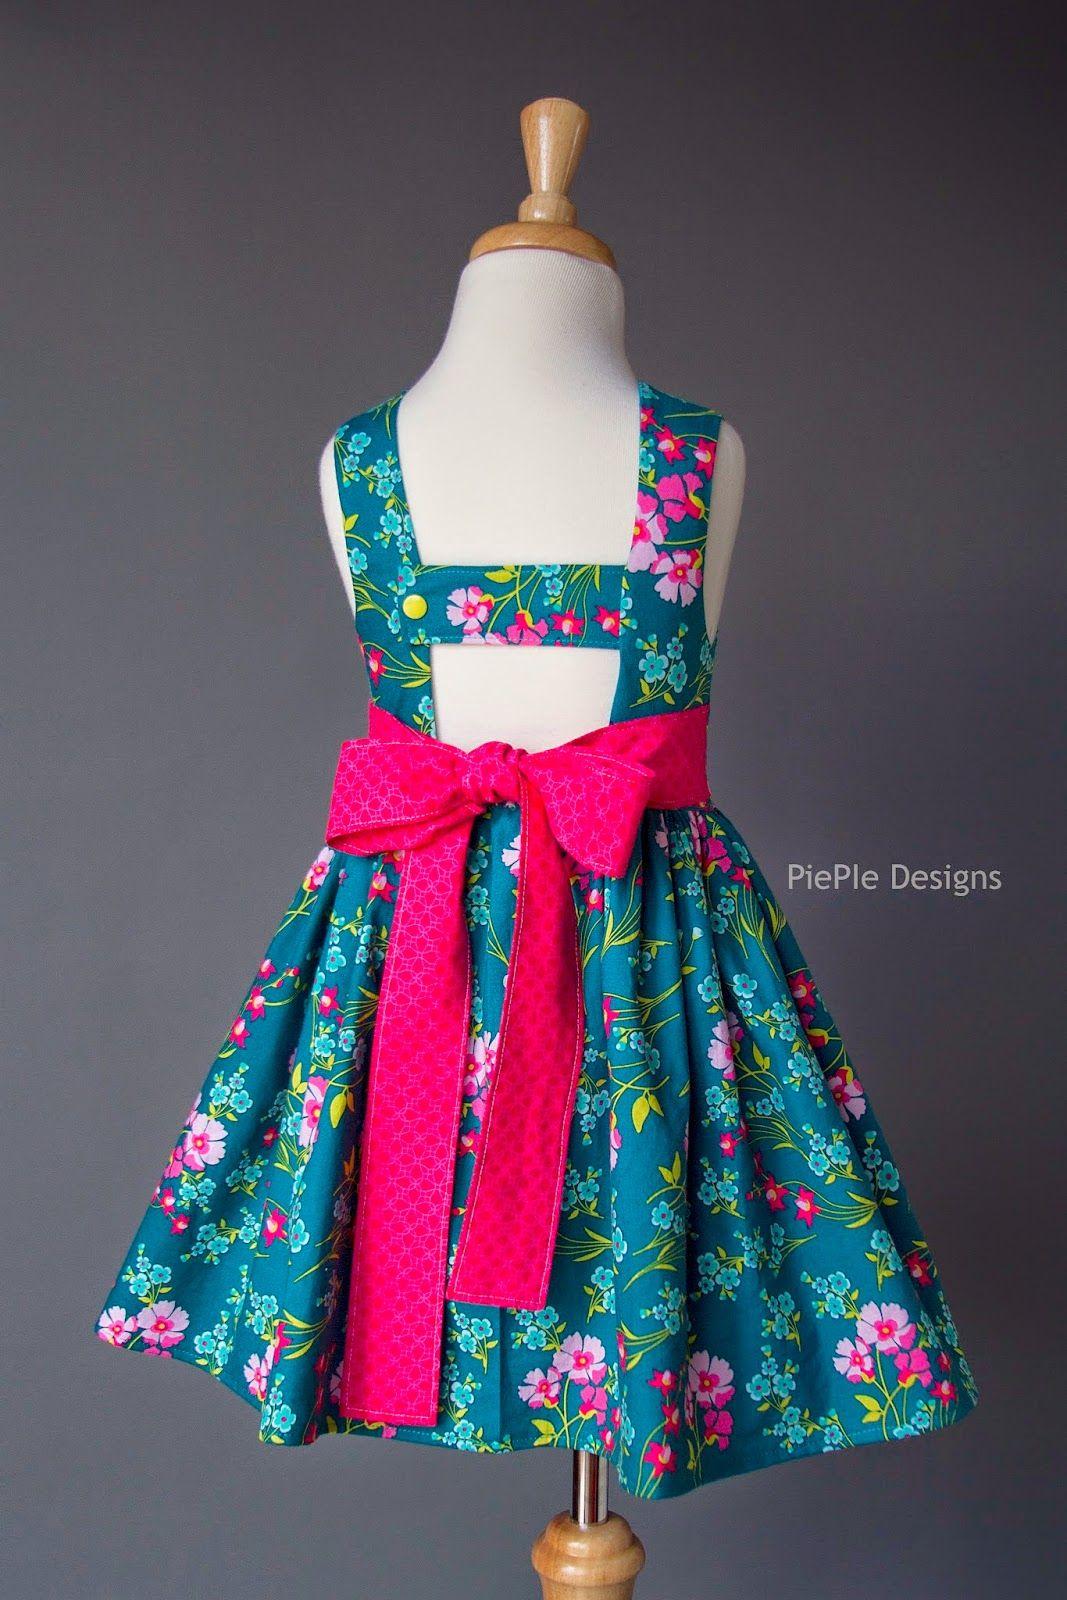 DIY Dress Designs